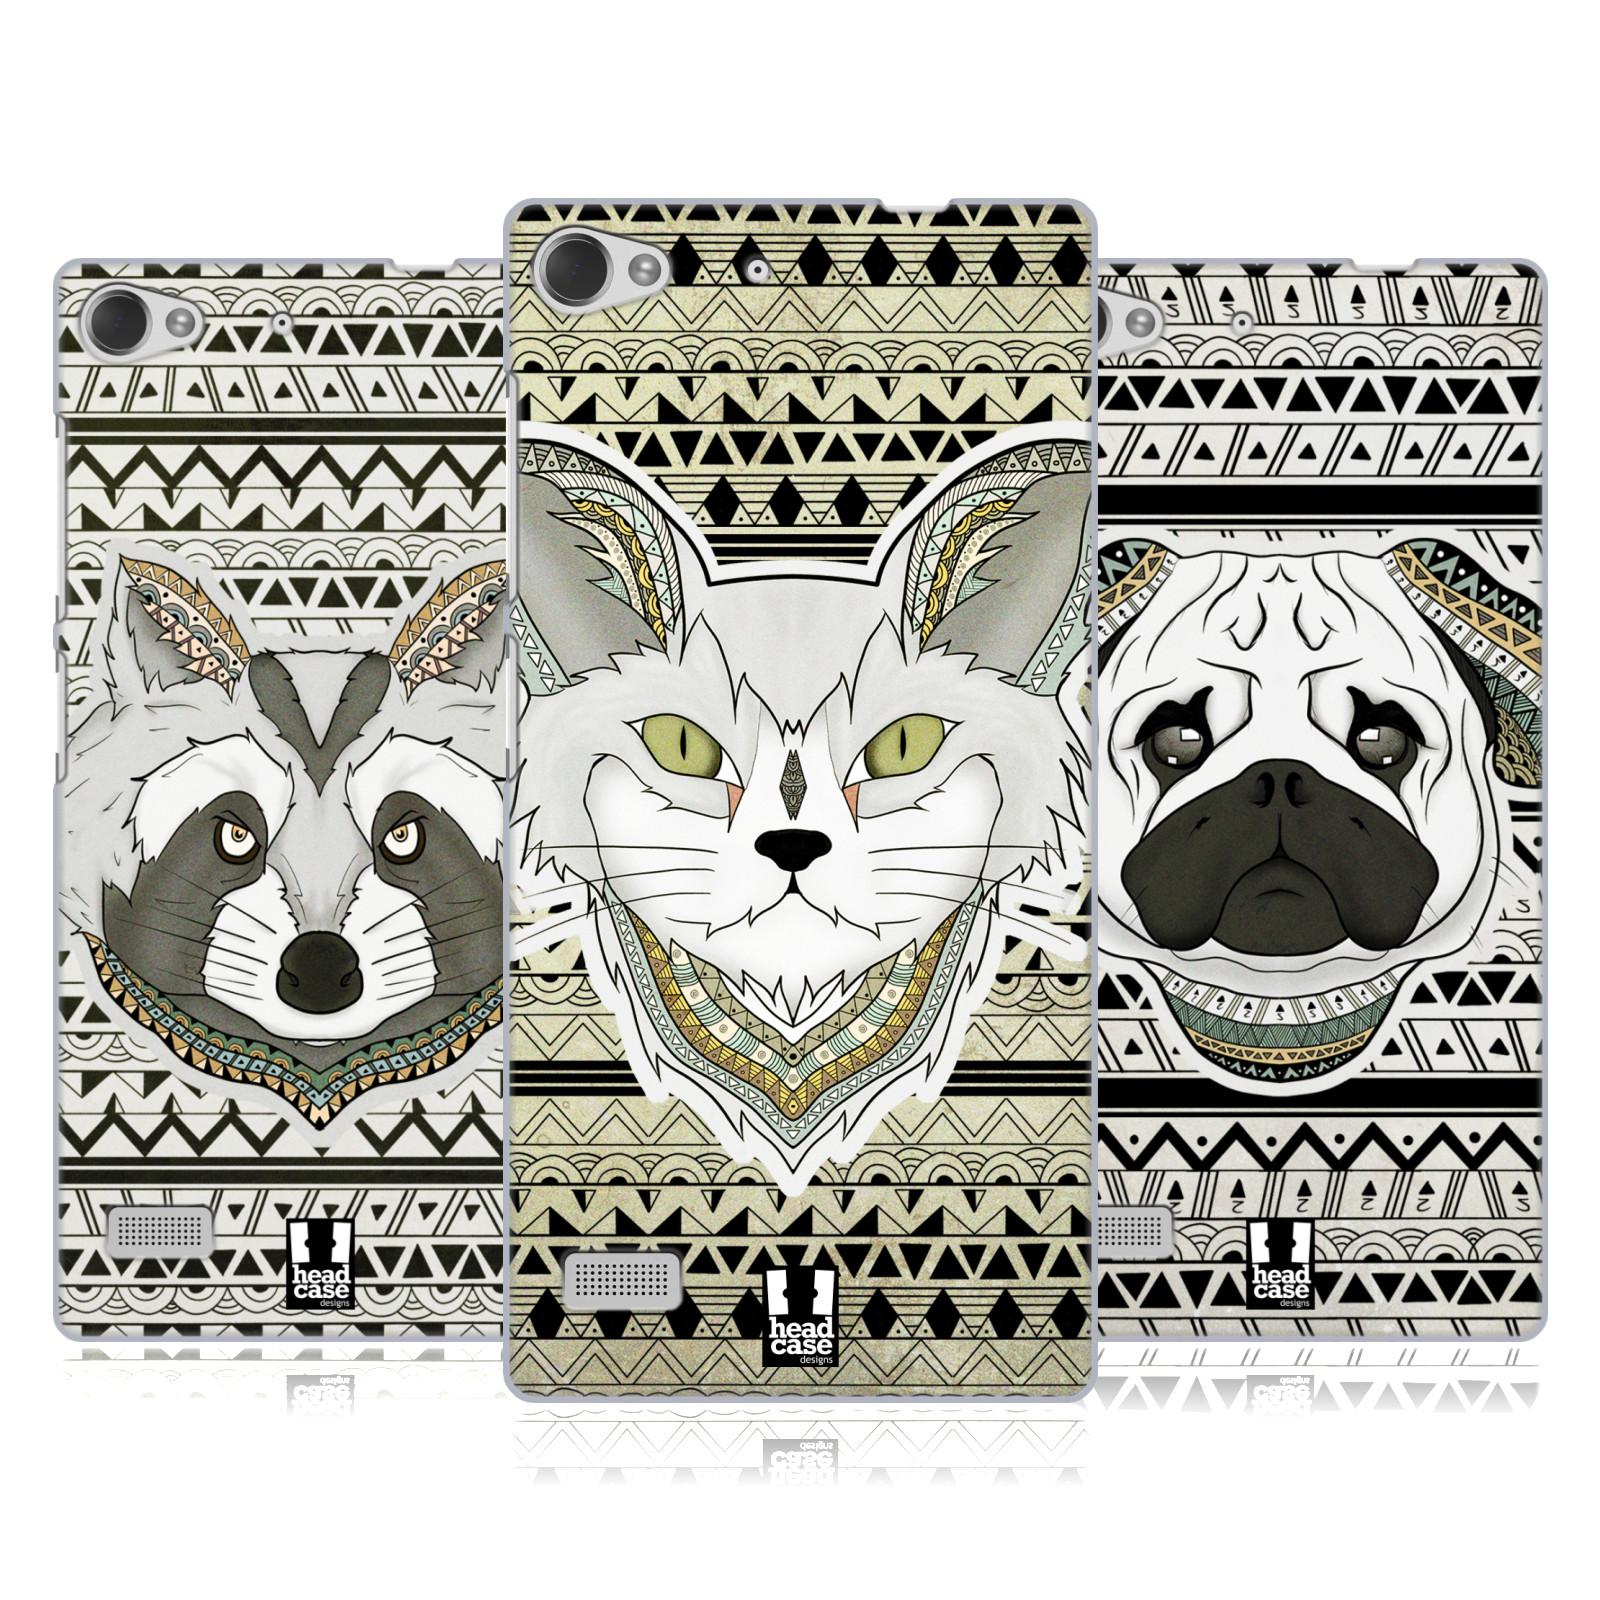 HEAD-CASE-DESIGNS-PATTERNED-ANIMALS-HARD-BACK-CASE-FOR-LENOVO-PHONES